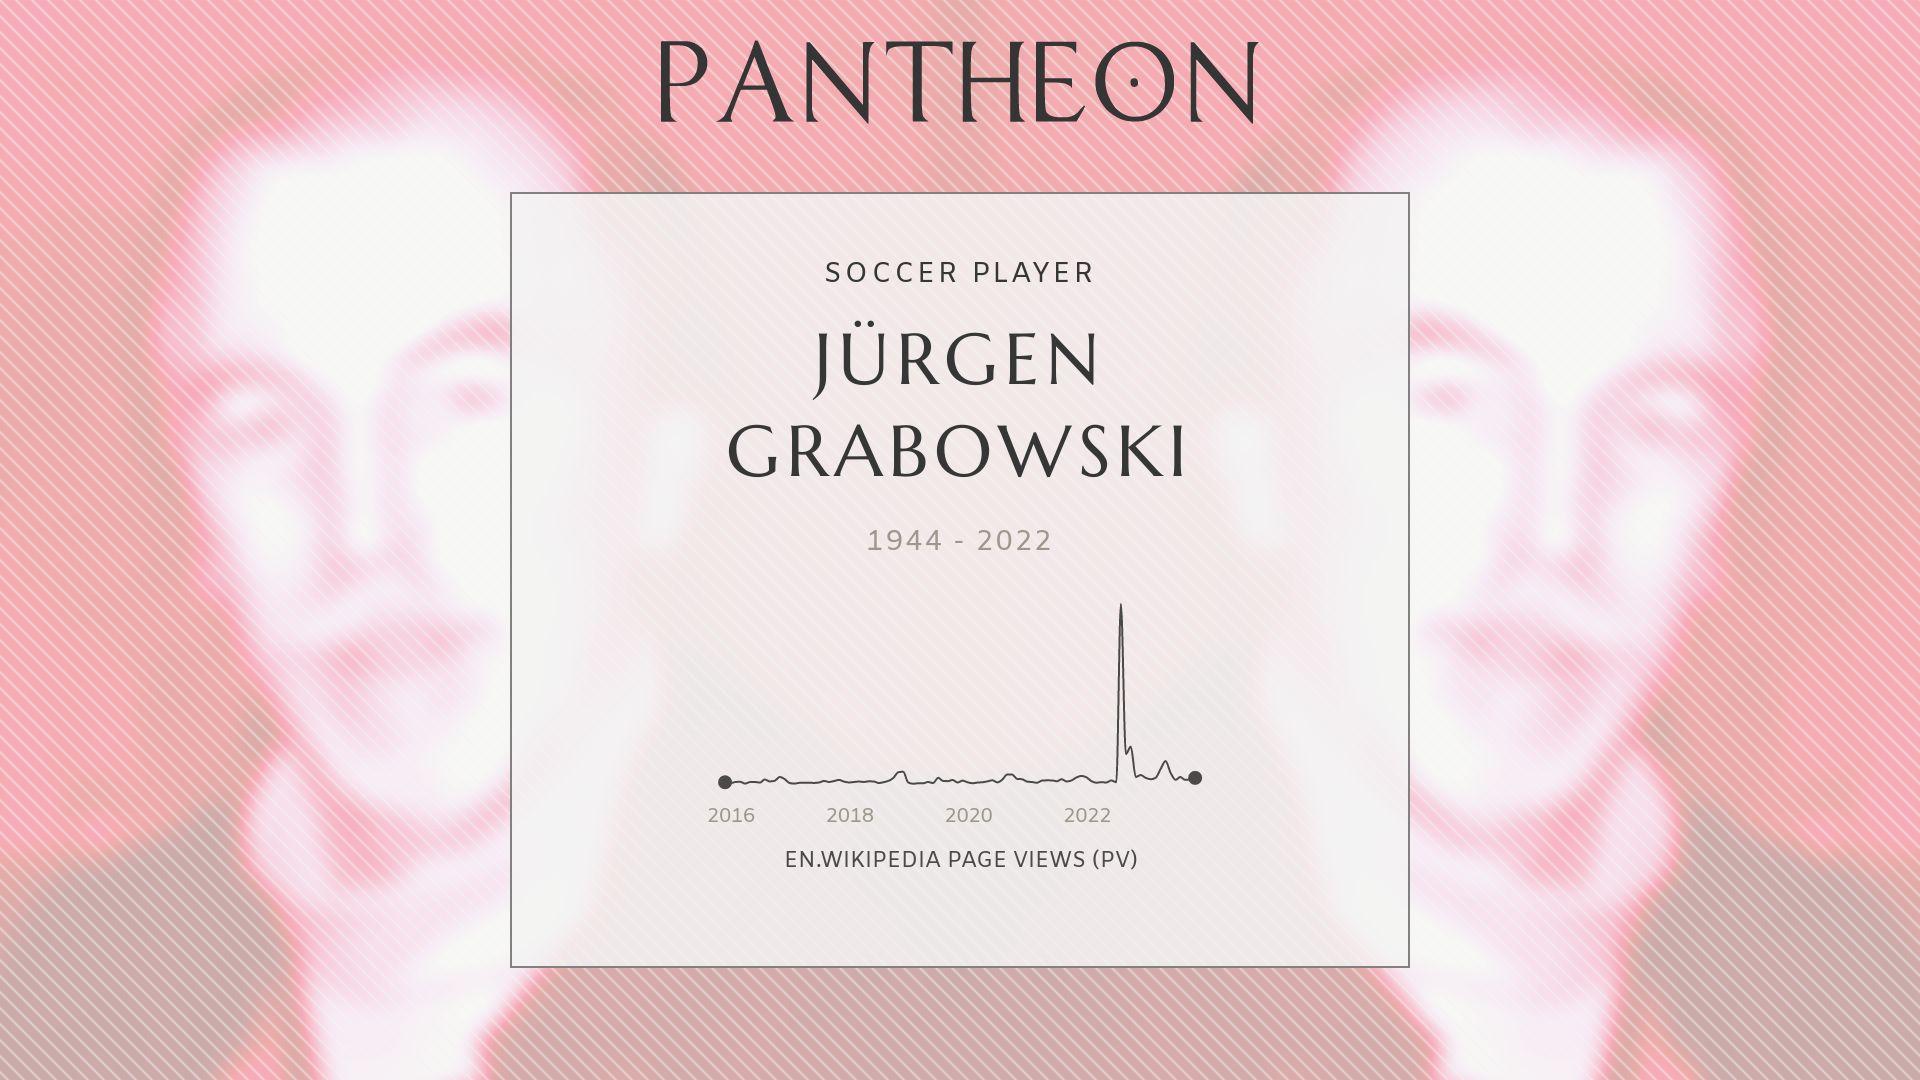 Jurgen Grabowski Biography German Footballer Pantheon